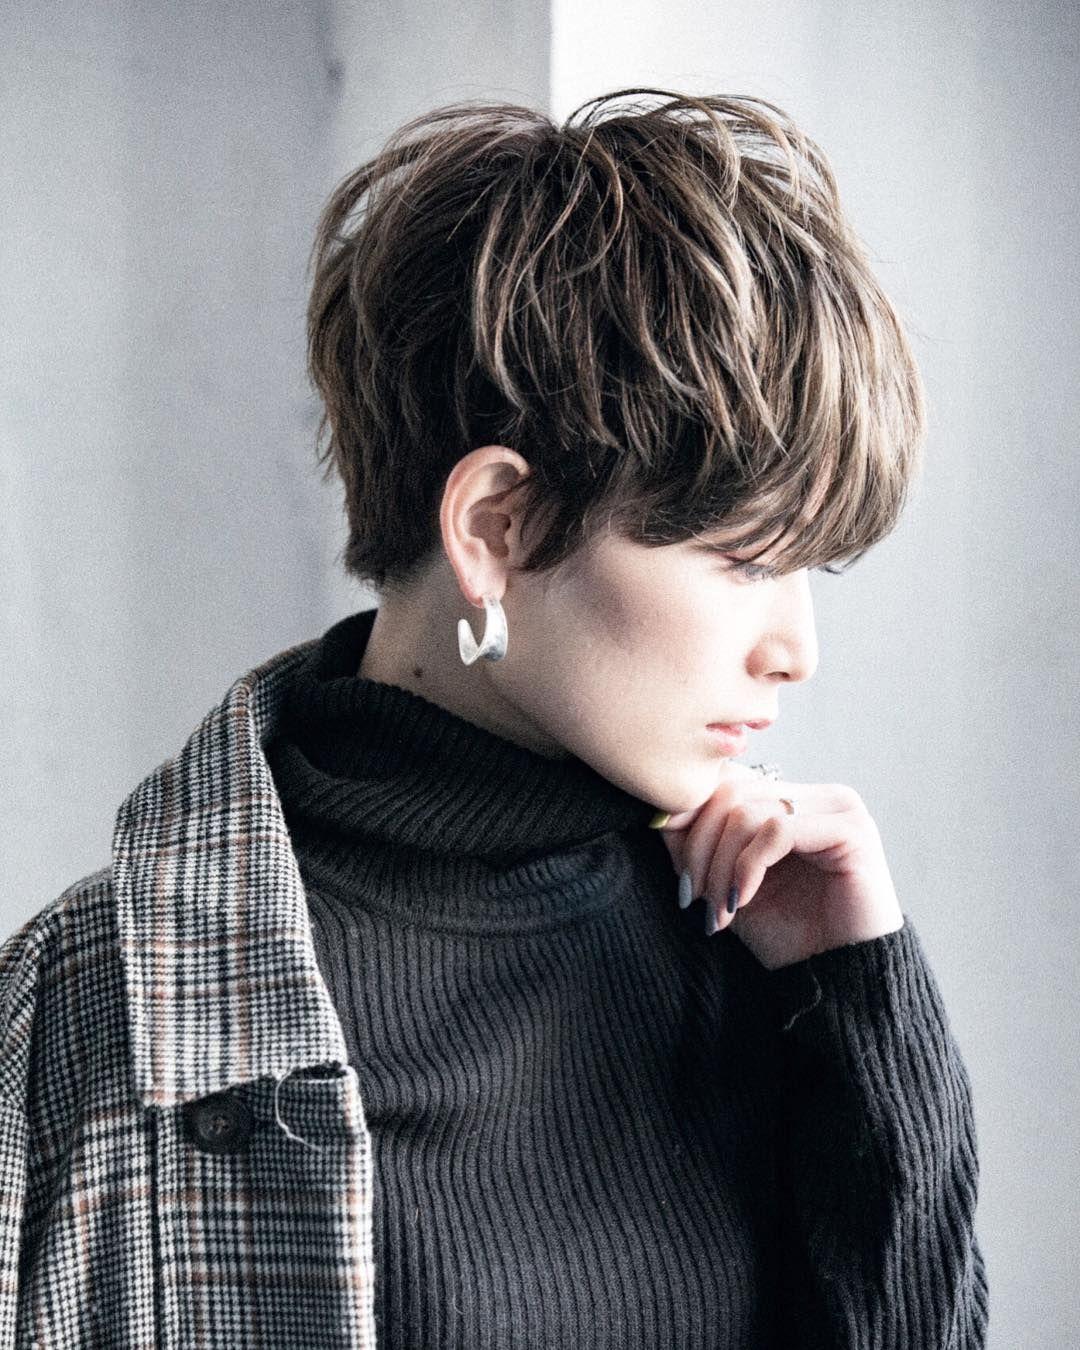 ショートボブ 渋谷美容師 ハイライト 土田哲也 On